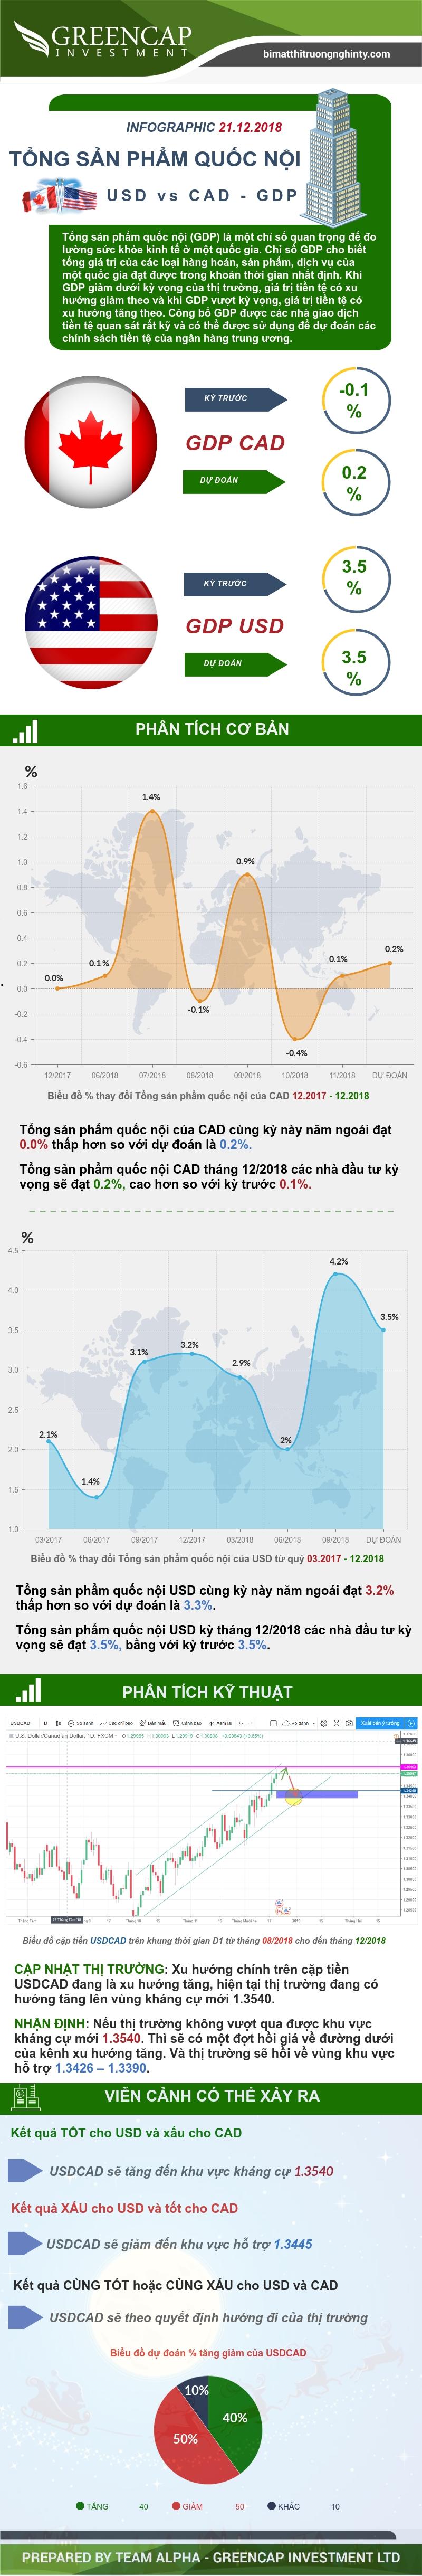 Tổng sản phẩm quốc nội GDP USD và CAD 21/12/2018